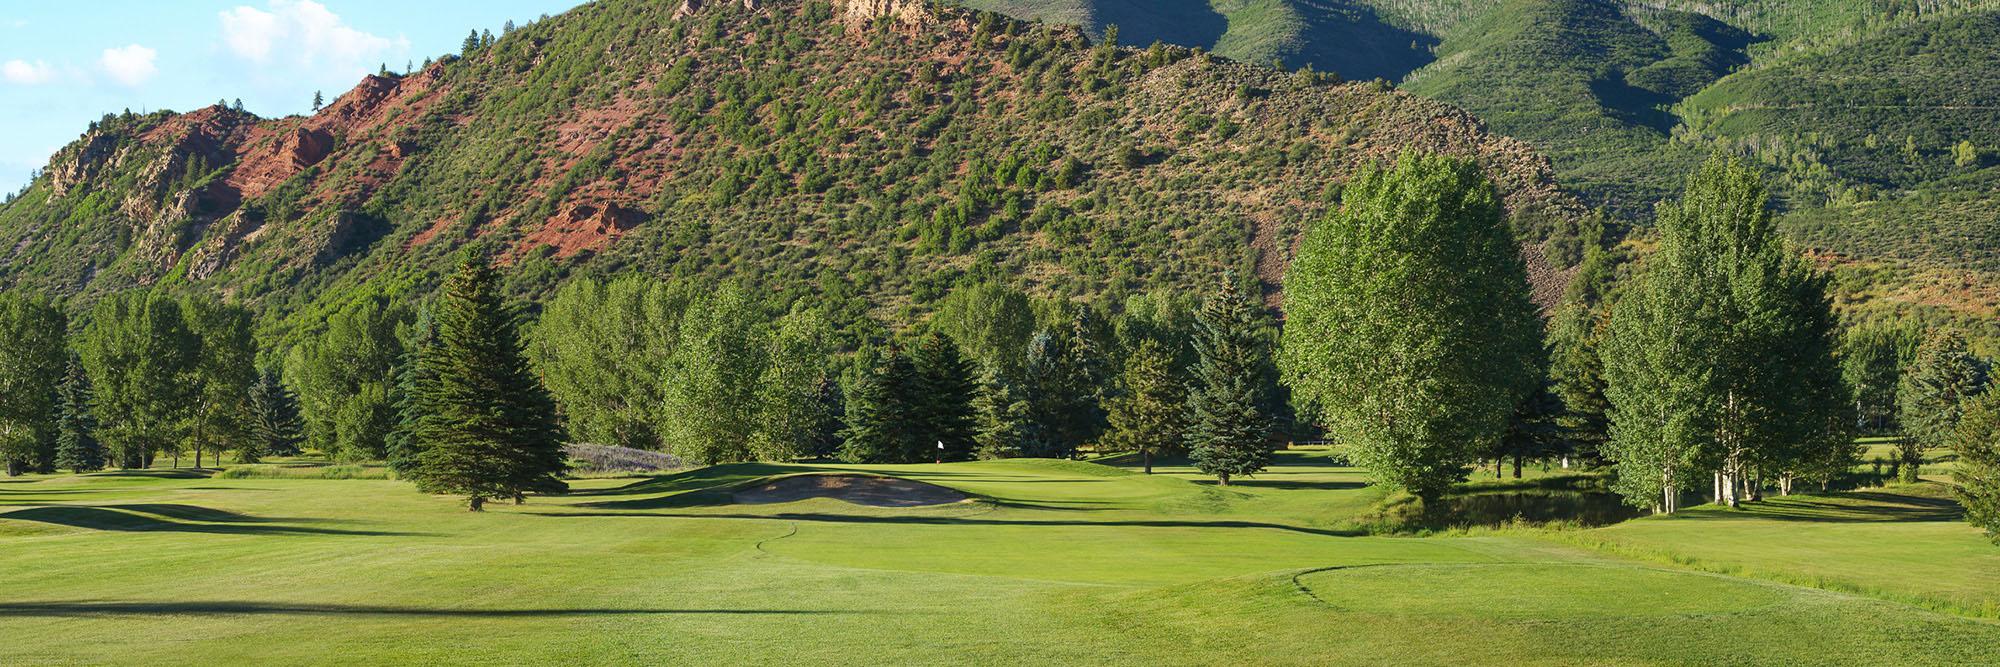 Golf Course Image - Aspen Golf Course No. 17